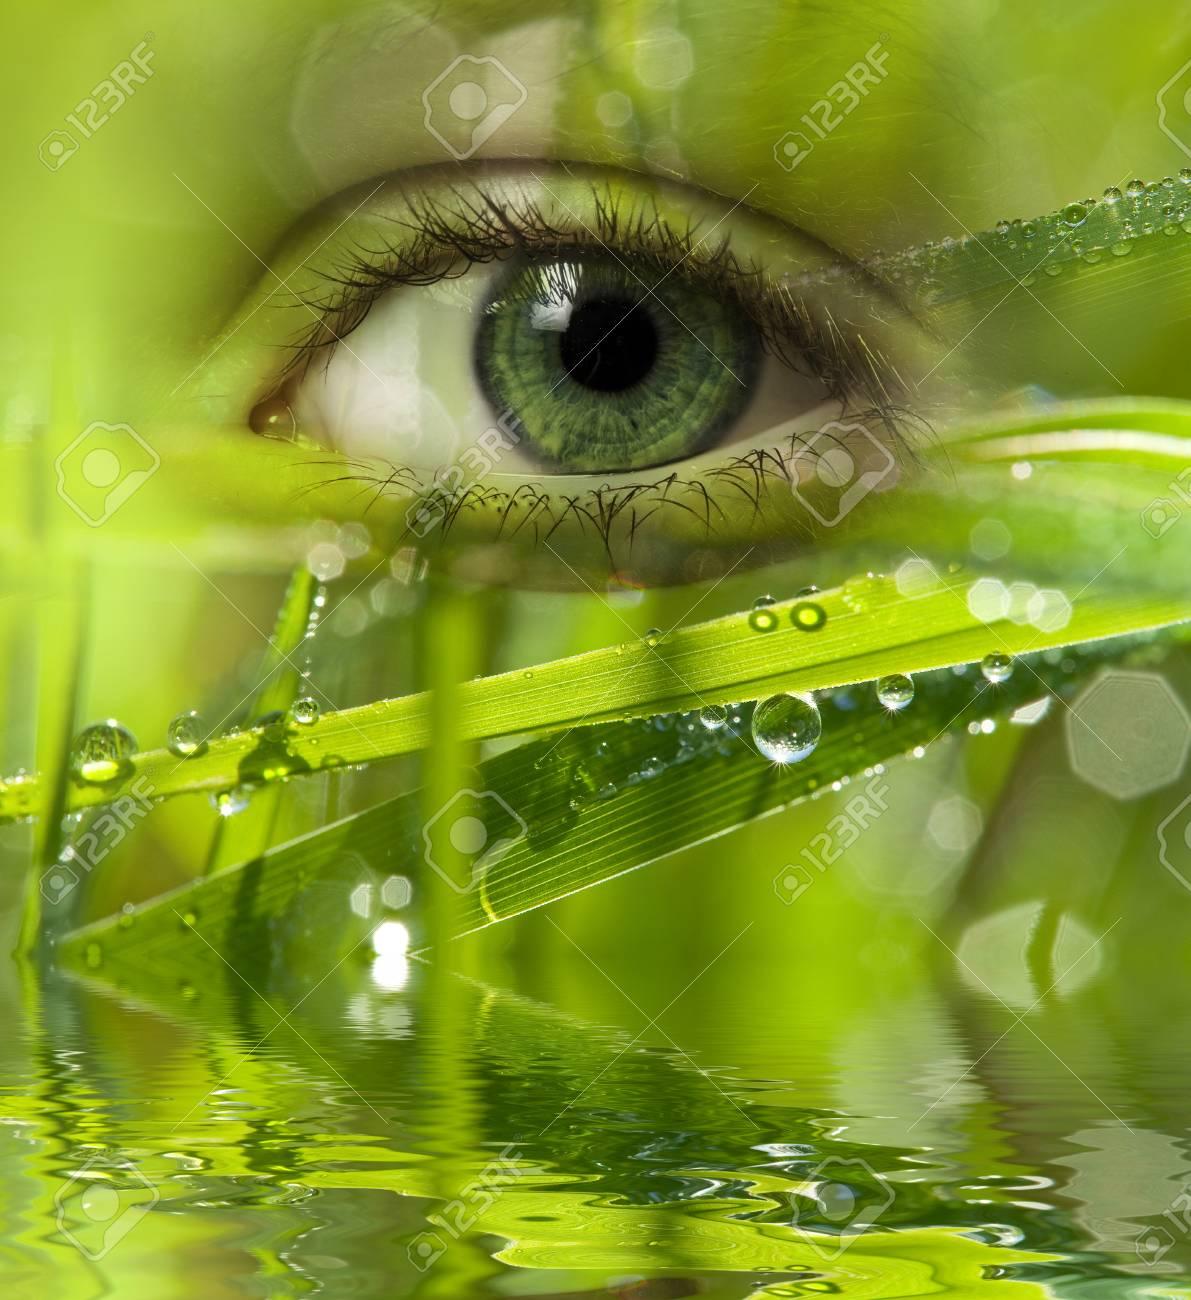 green energy - 30439495